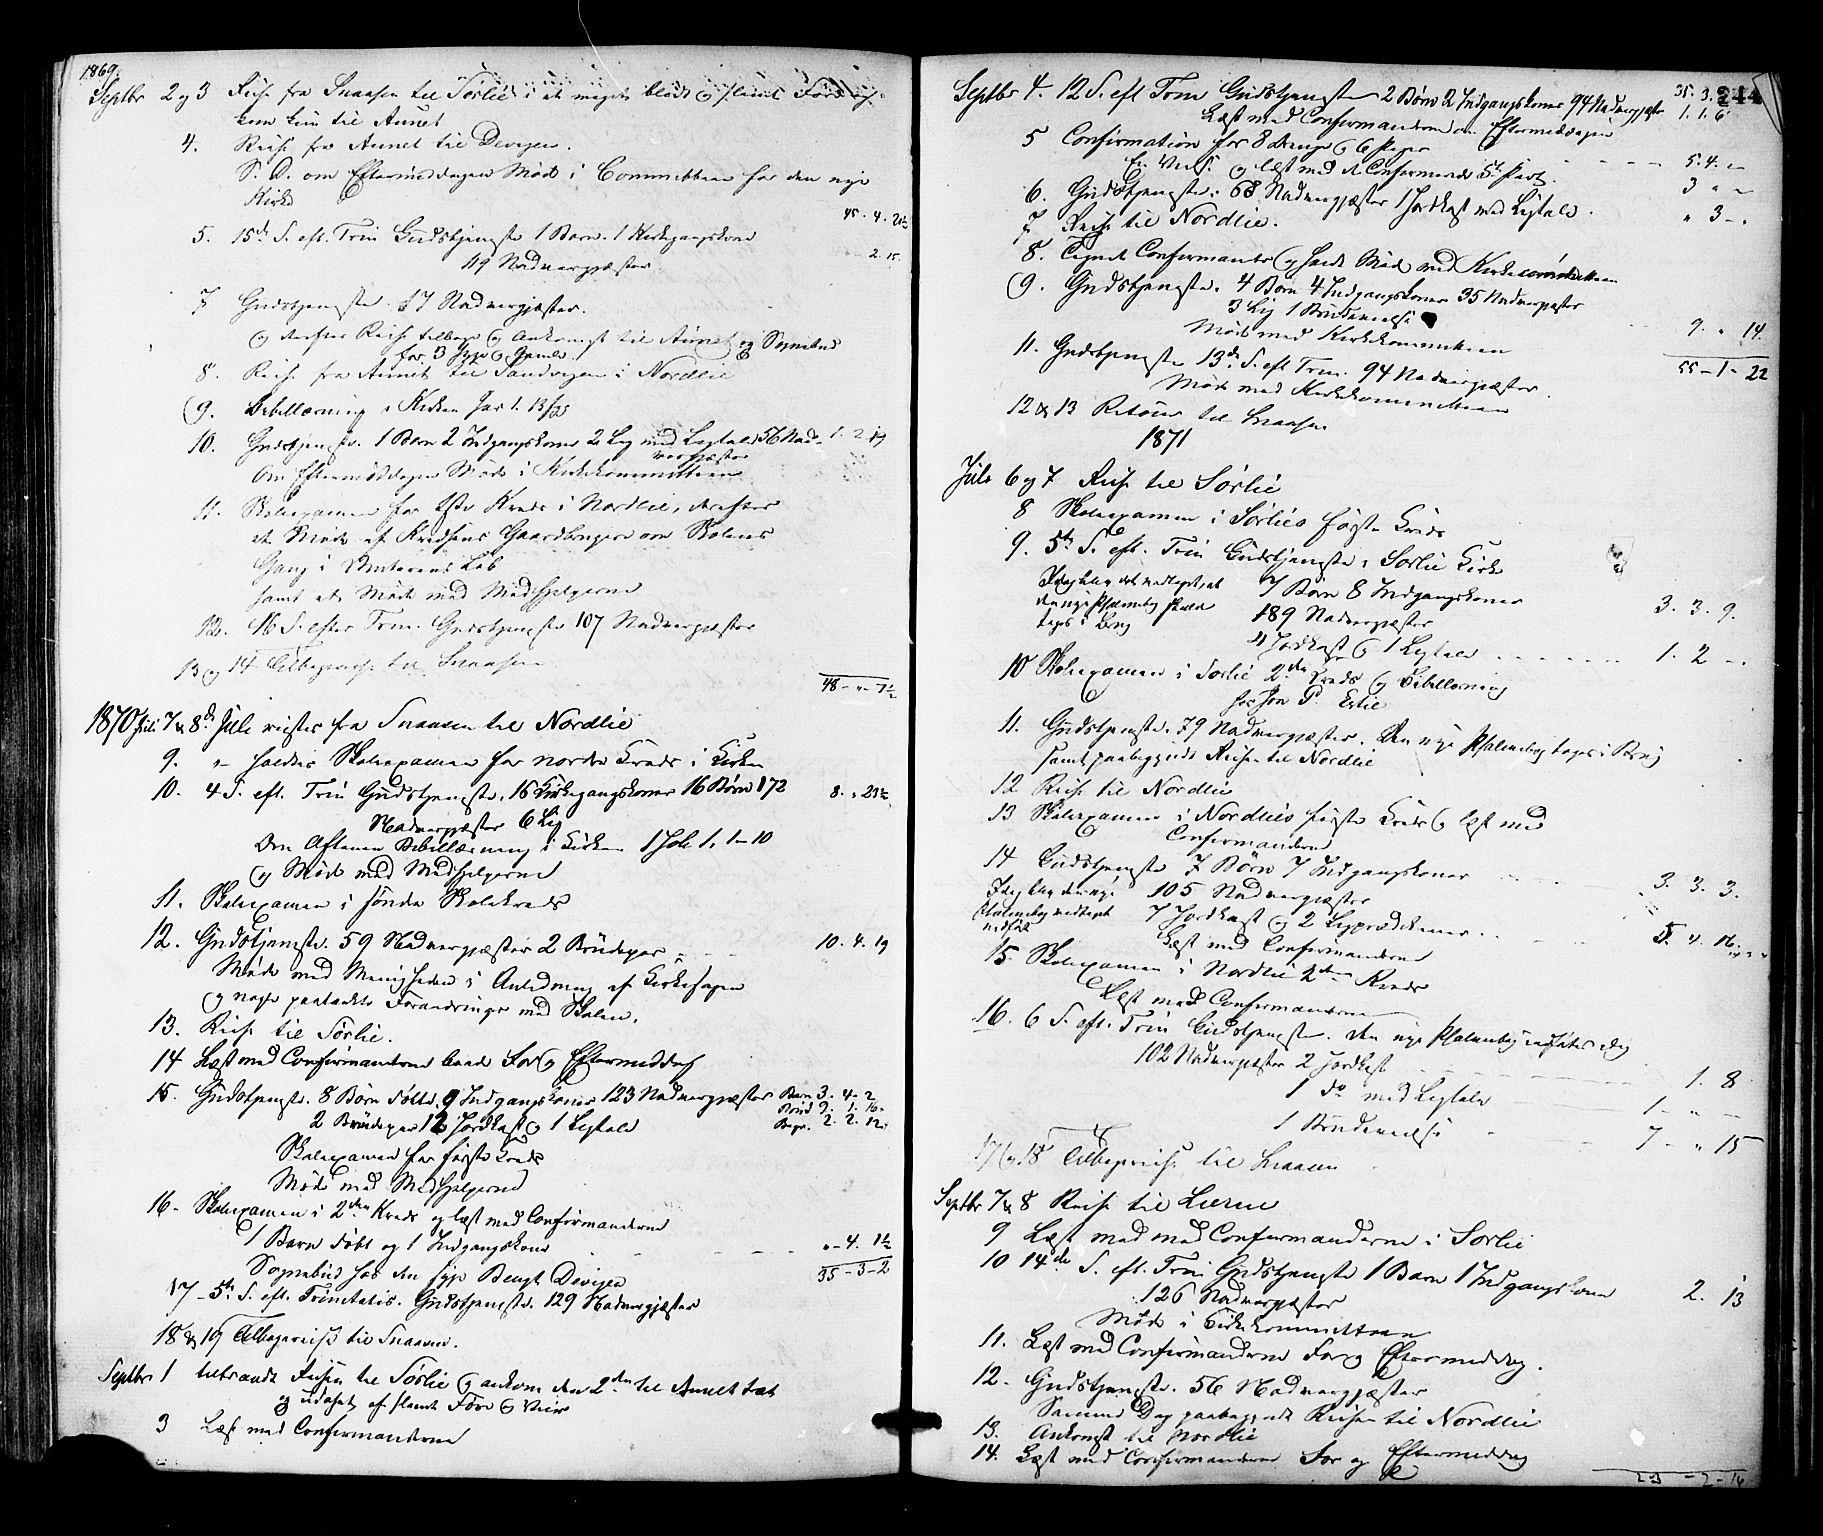 SAT, Ministerialprotokoller, klokkerbøker og fødselsregistre - Nord-Trøndelag, 755/L0493: Ministerialbok nr. 755A02, 1865-1881, s. 244